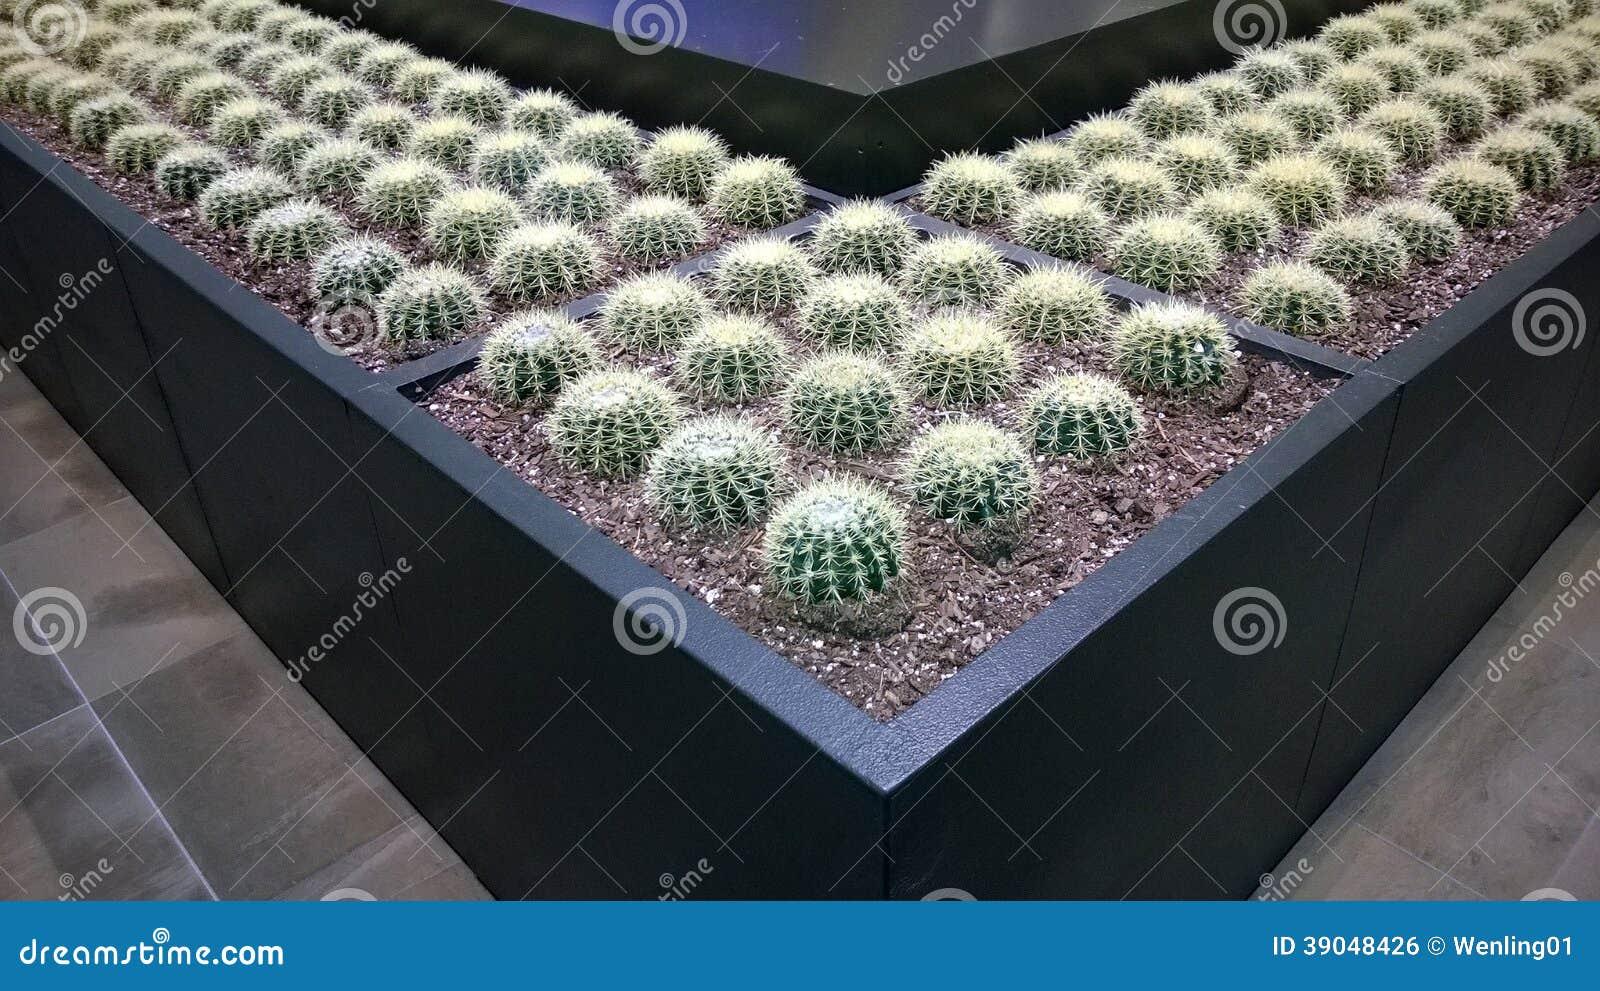 Dise o interior del jard n con el cactus foto de archivo for Diseno jardin interior